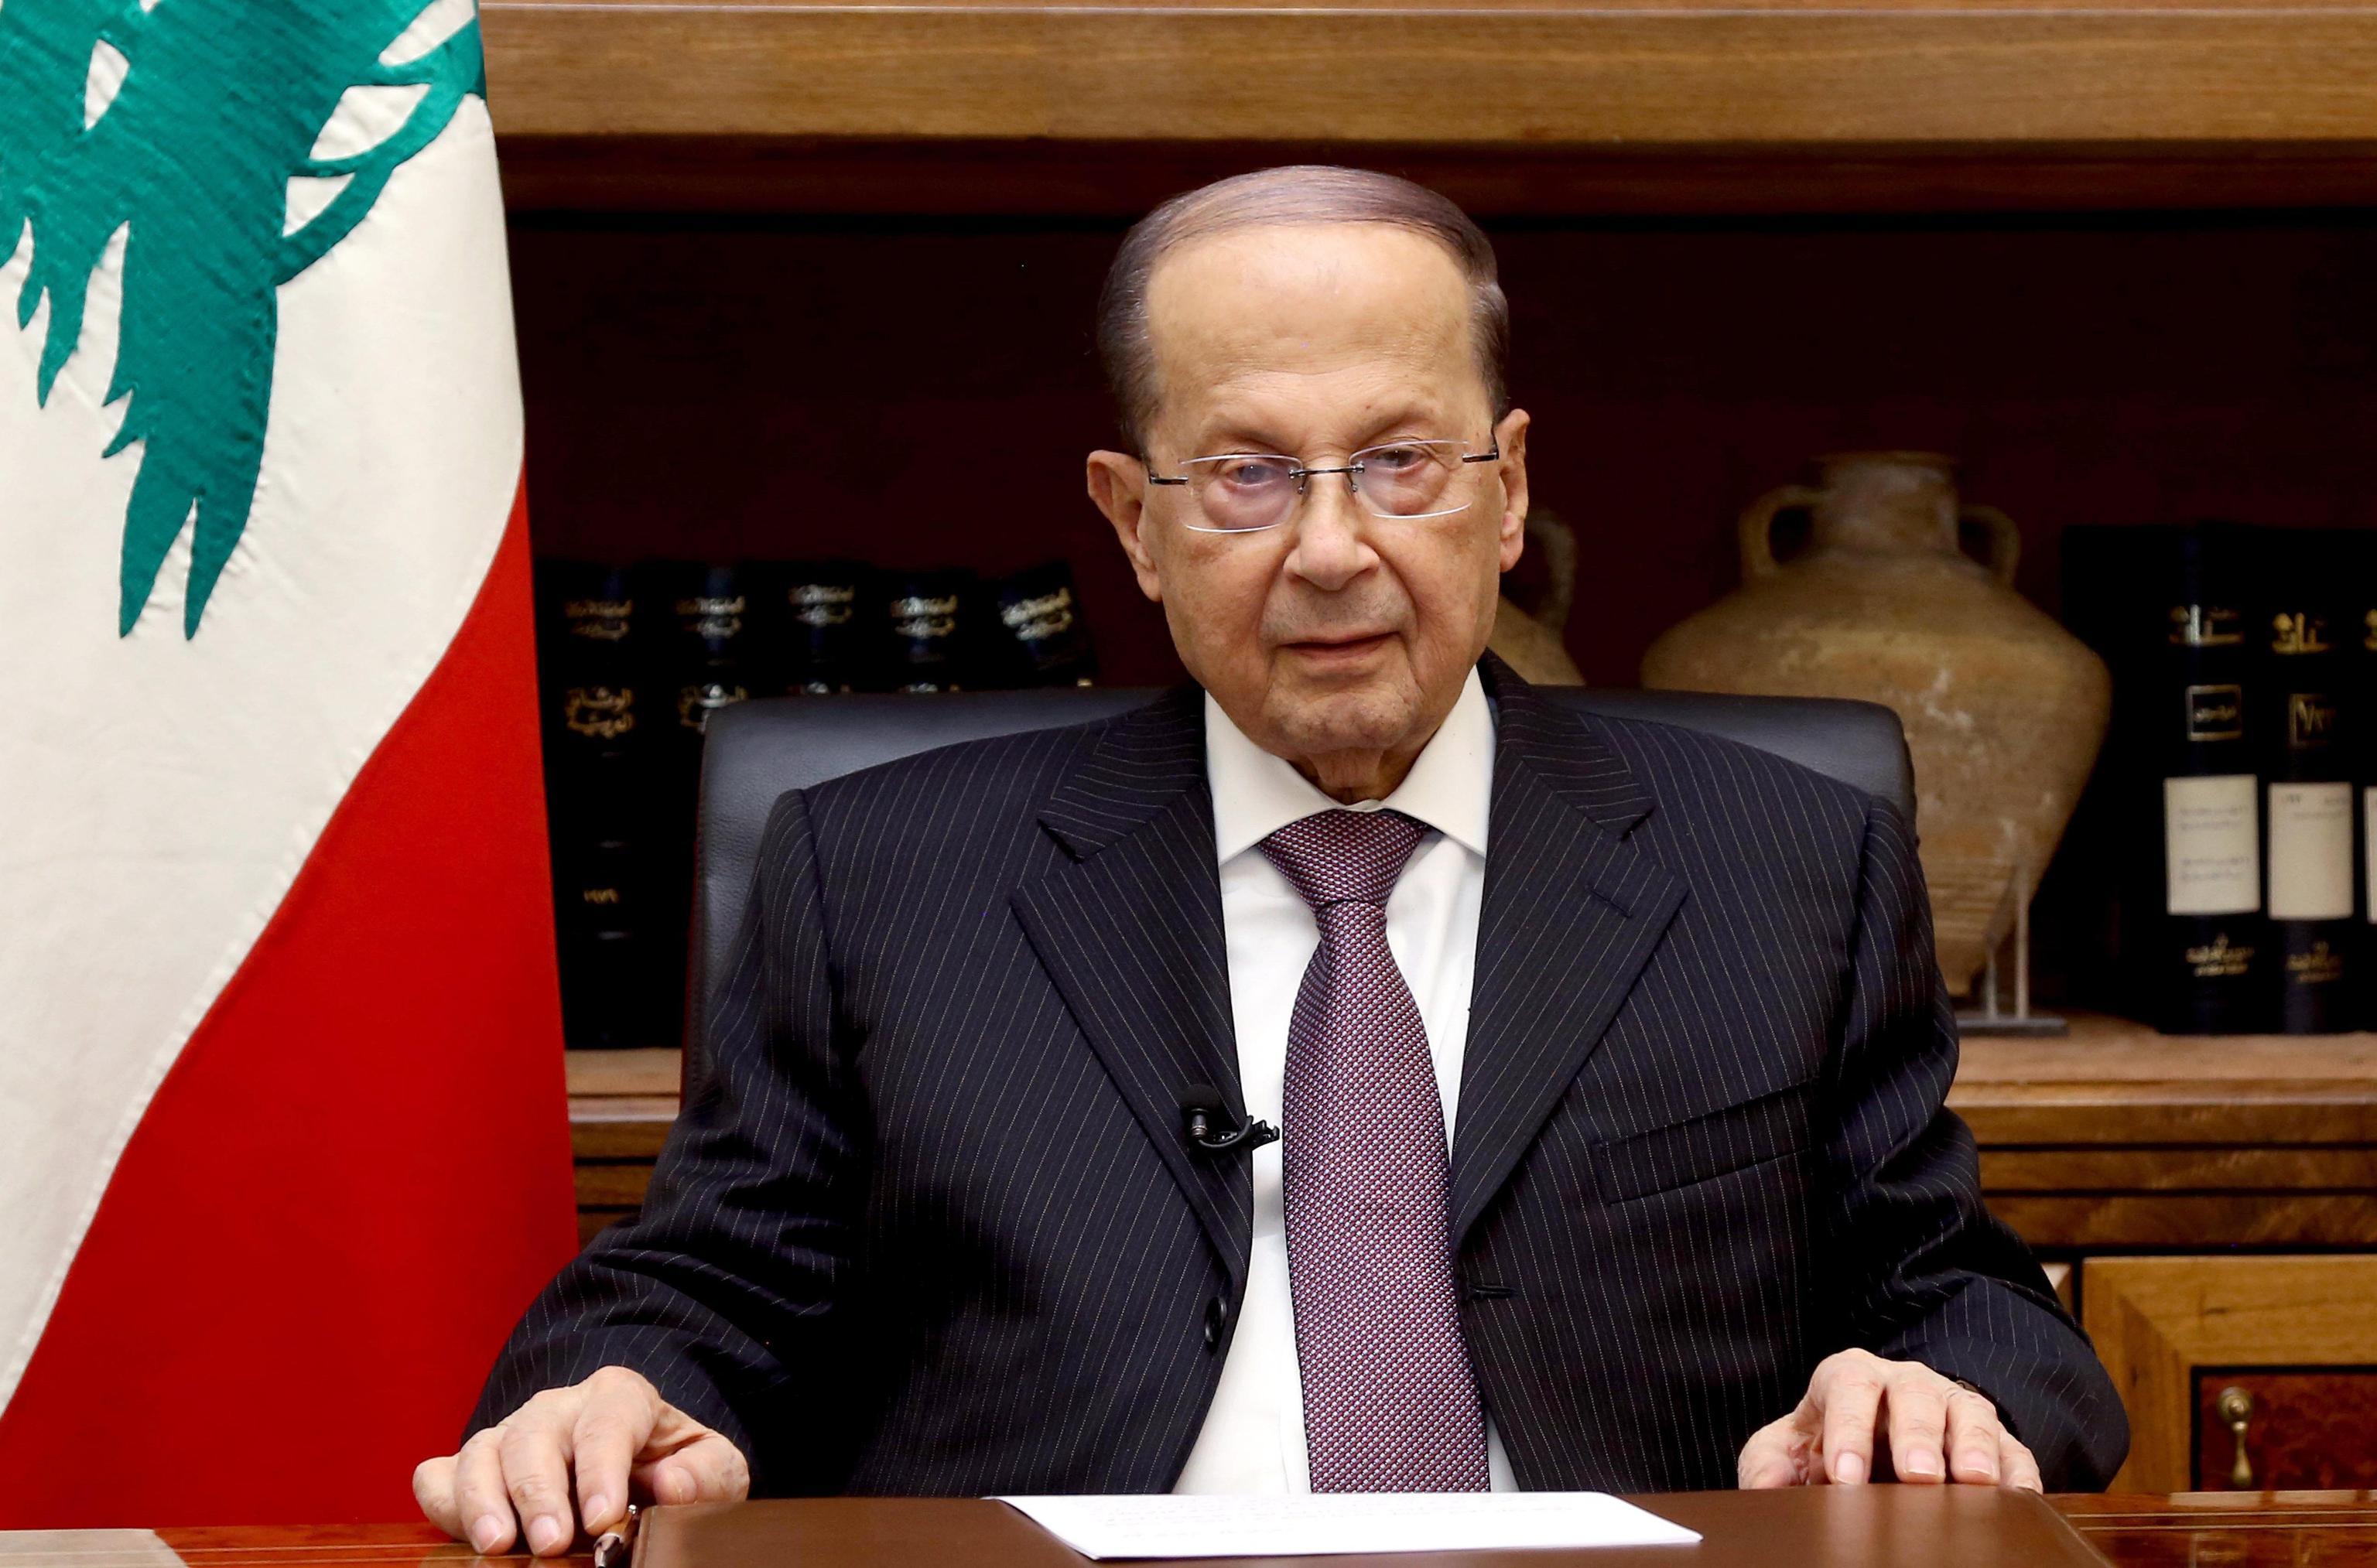 Libano: presidente avvia consultazioni